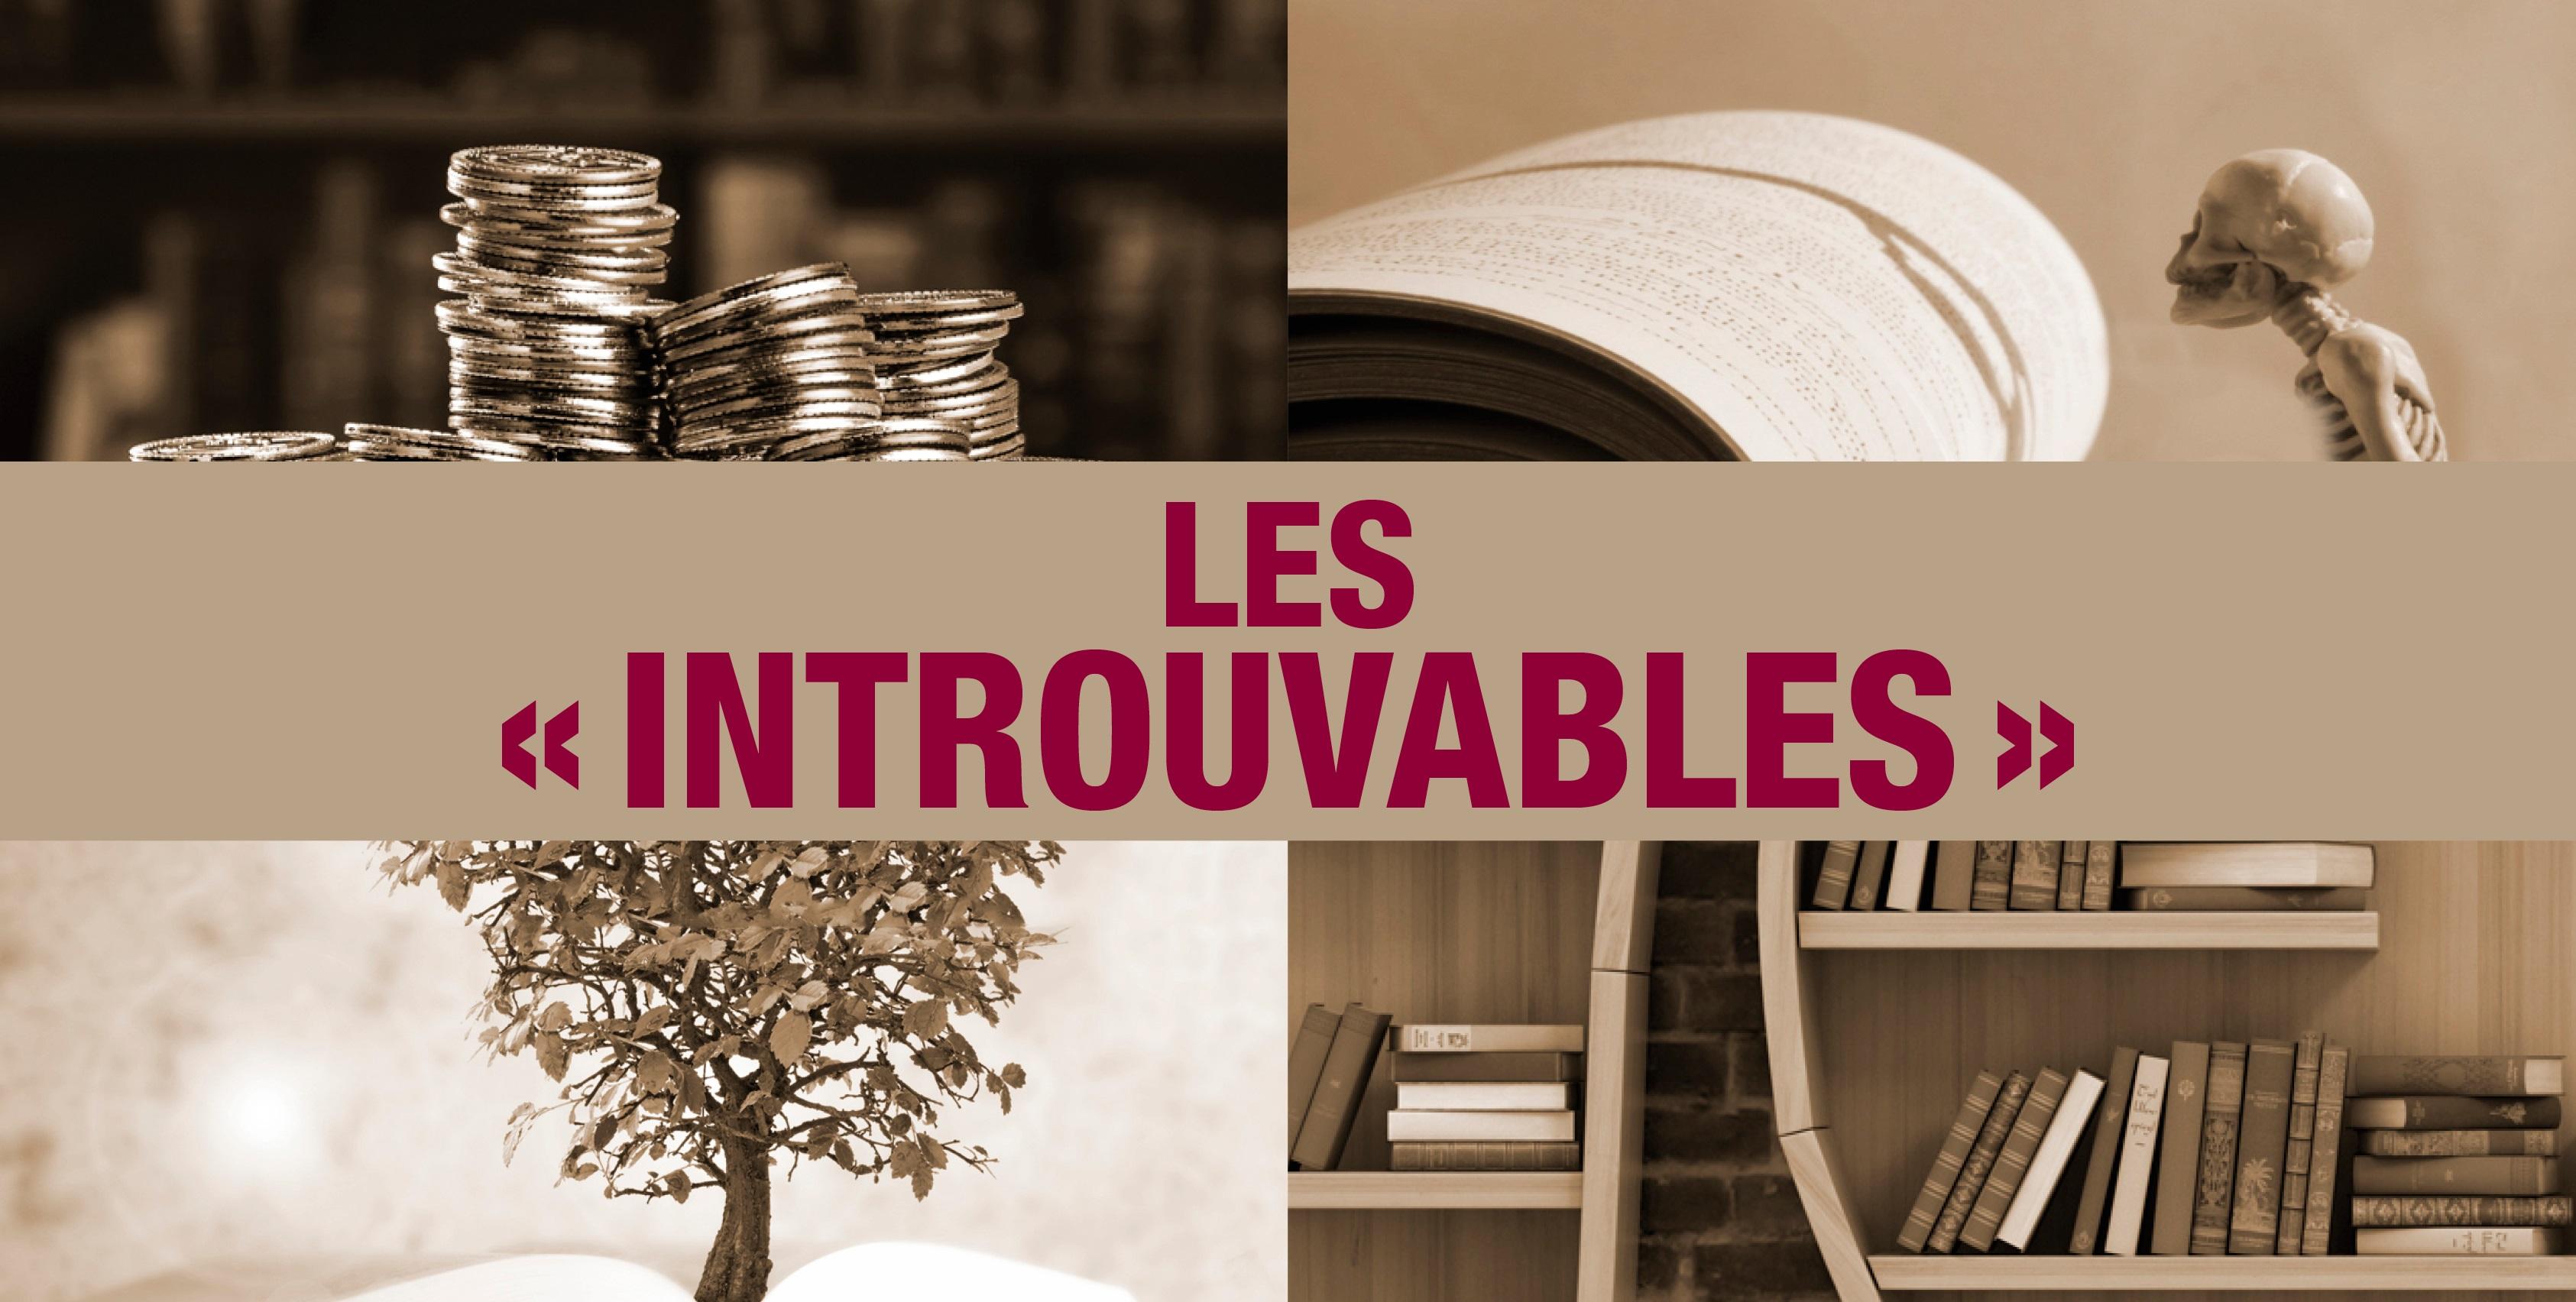 Presses universitaires de france puf livres manuels et revues les introuvables des livres rares nouveau disponibles fandeluxe Image collections